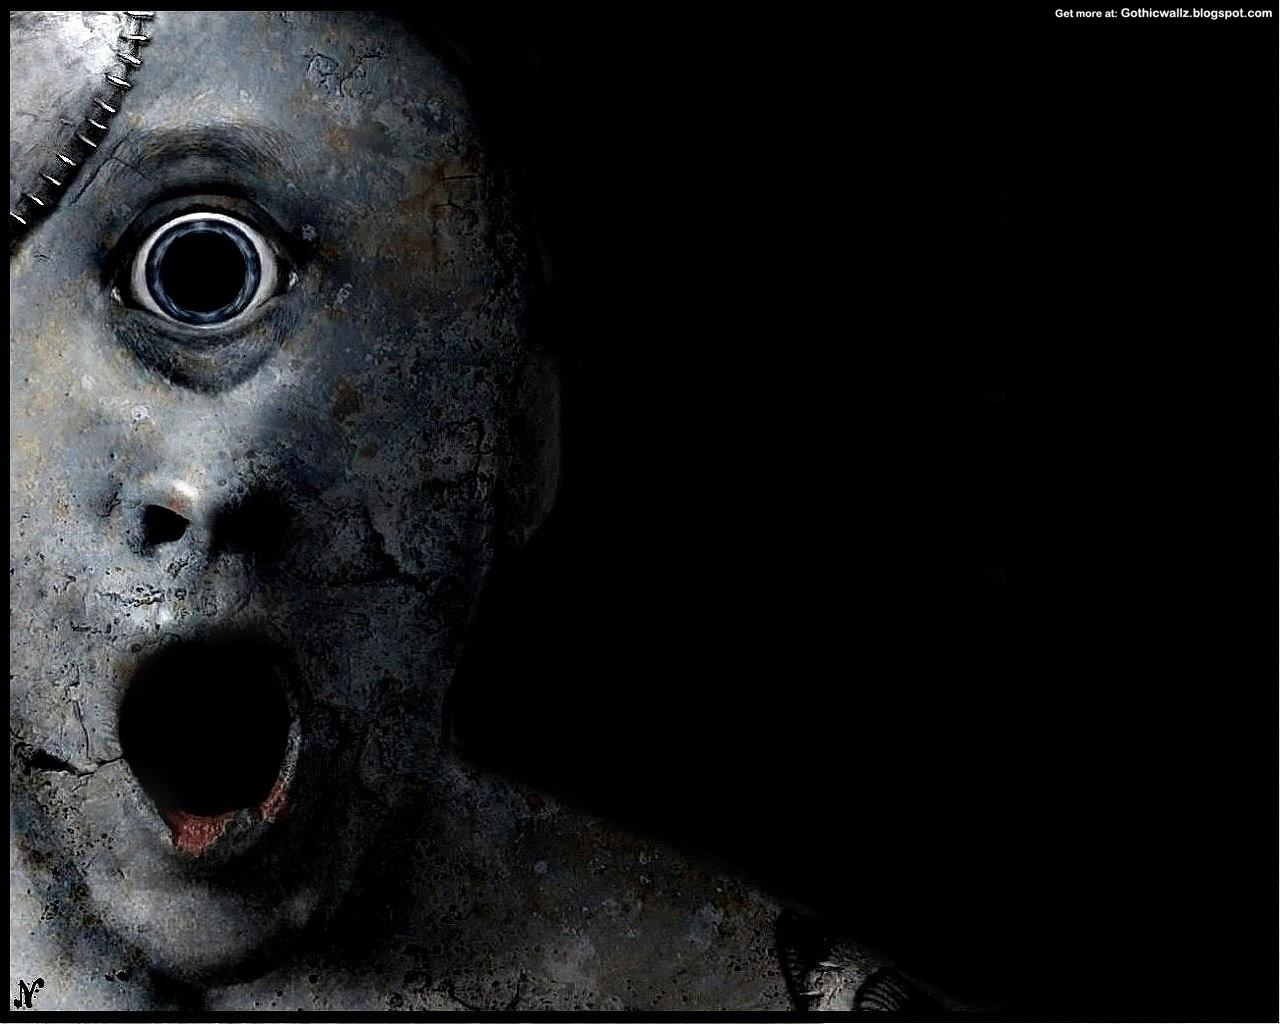 Gothicwallz-Cyclops-by-nebu.jpg